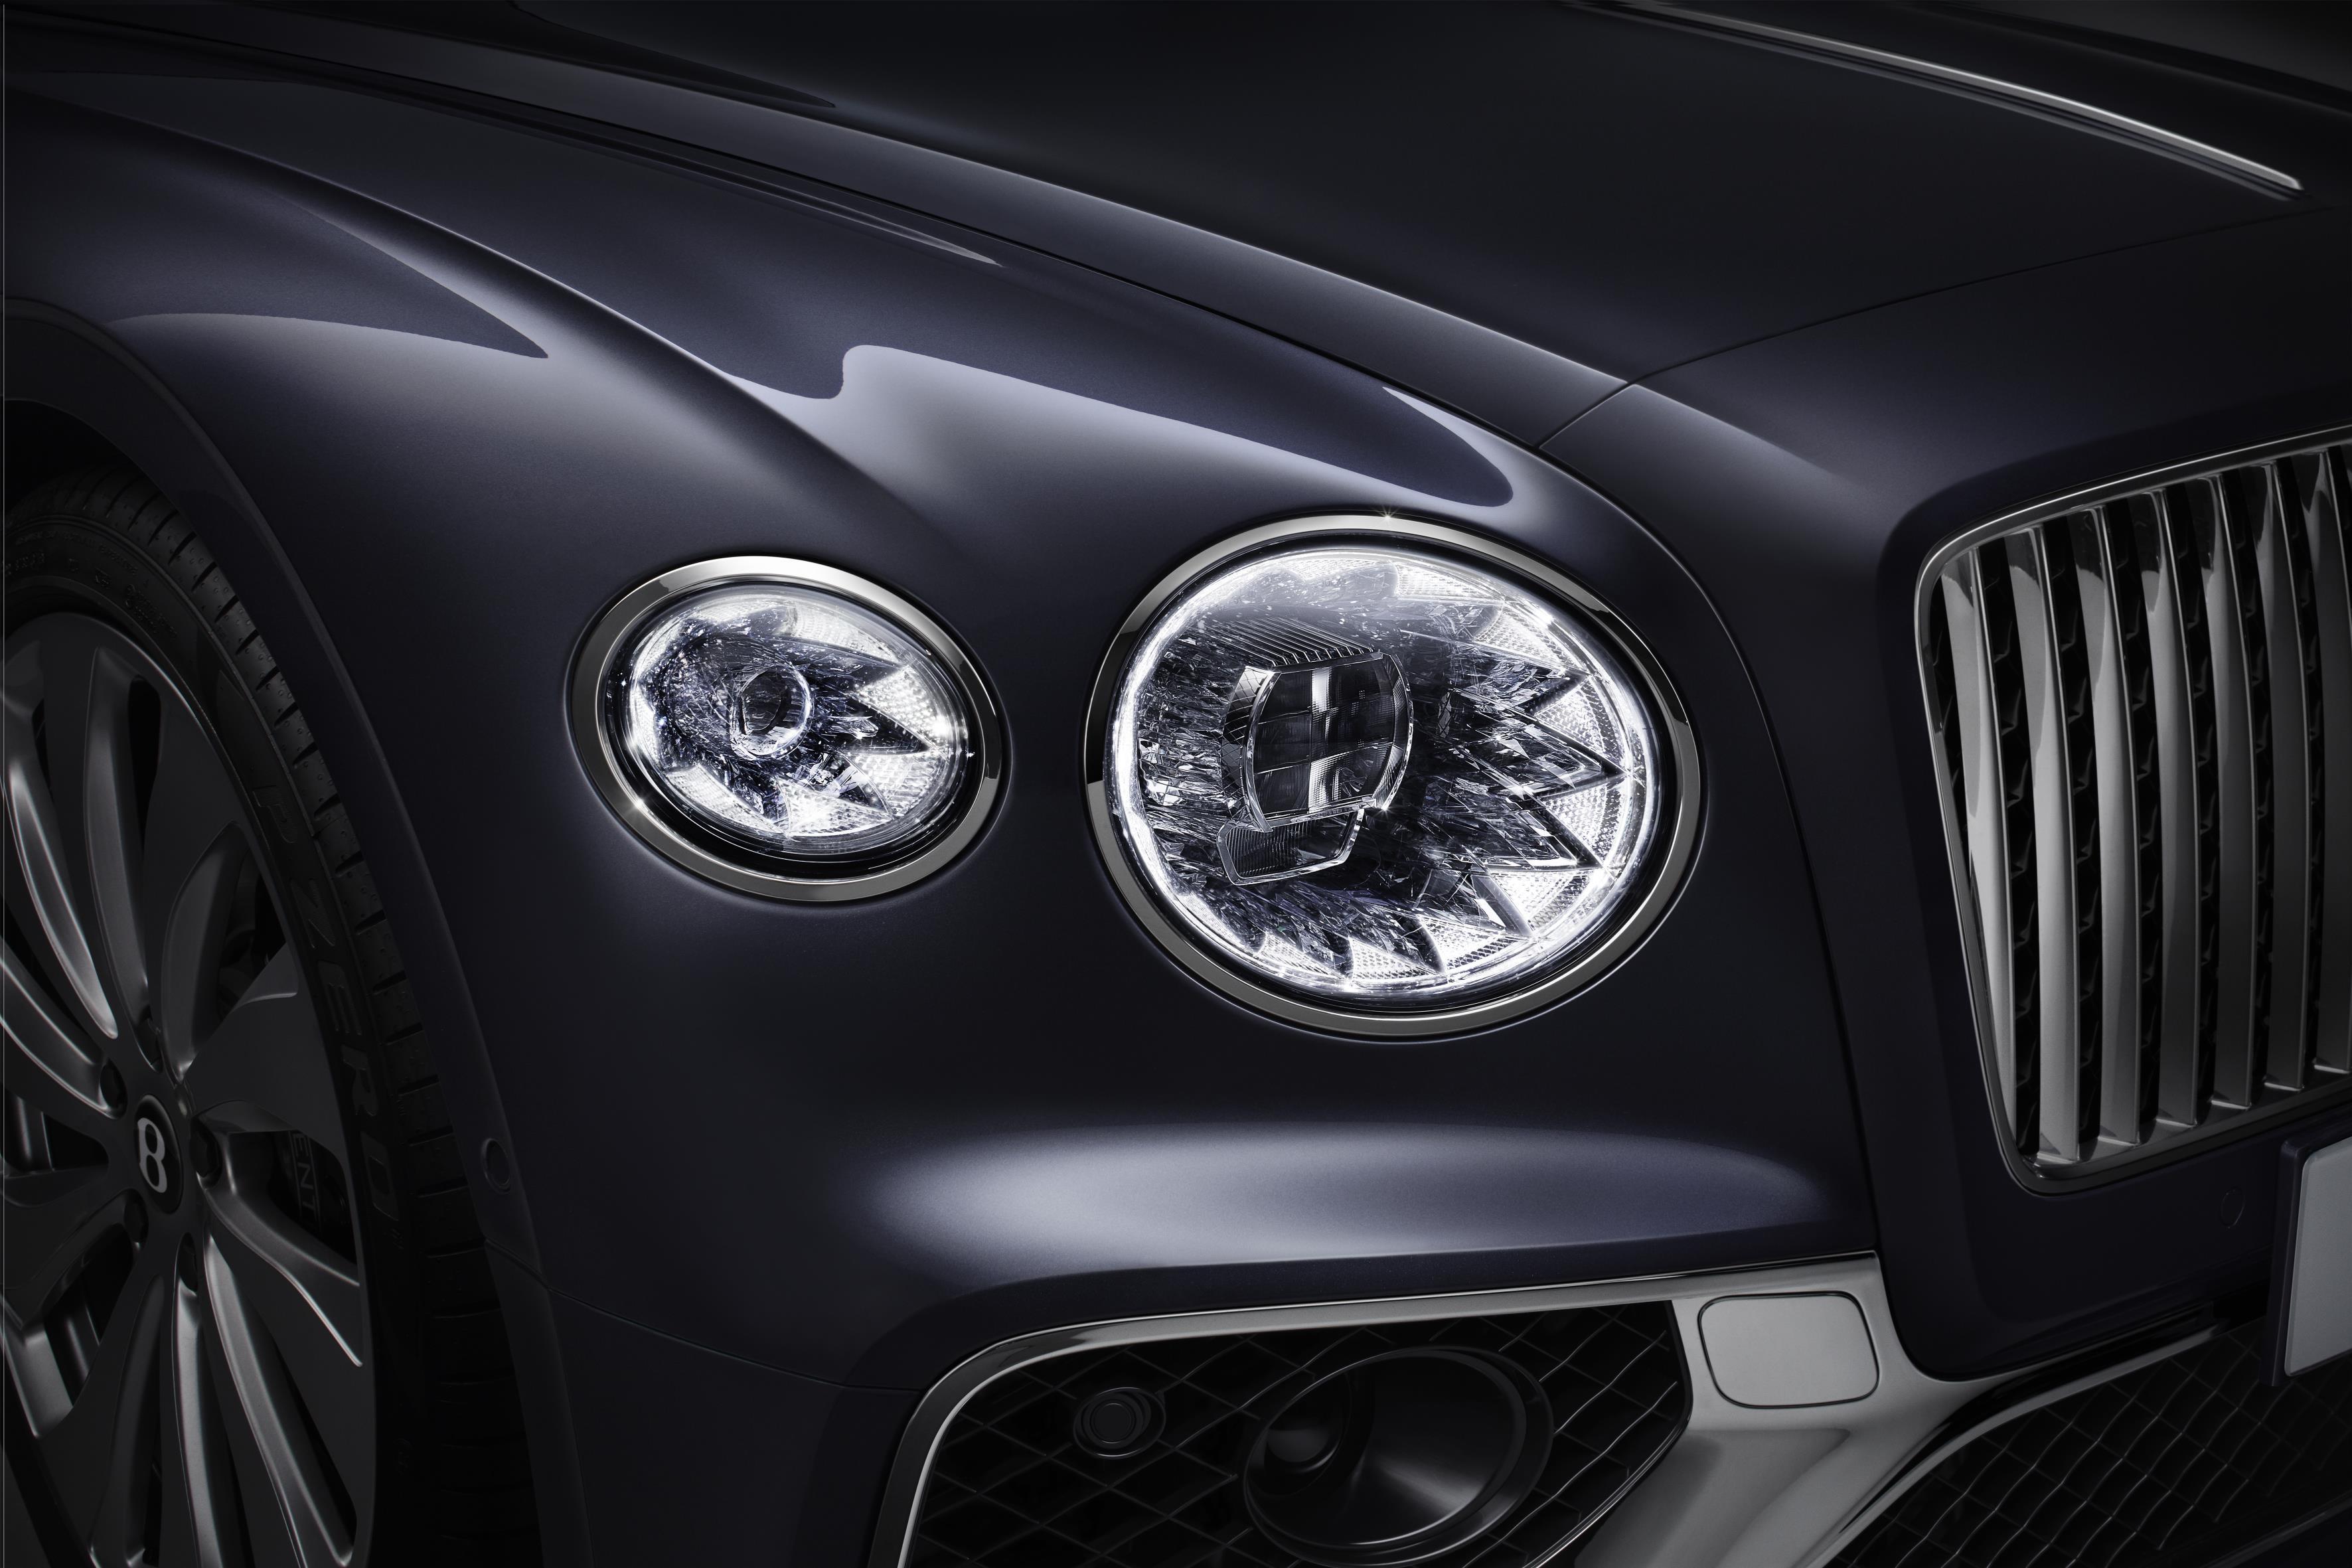 2020 Bentley Flying Spur Headlights